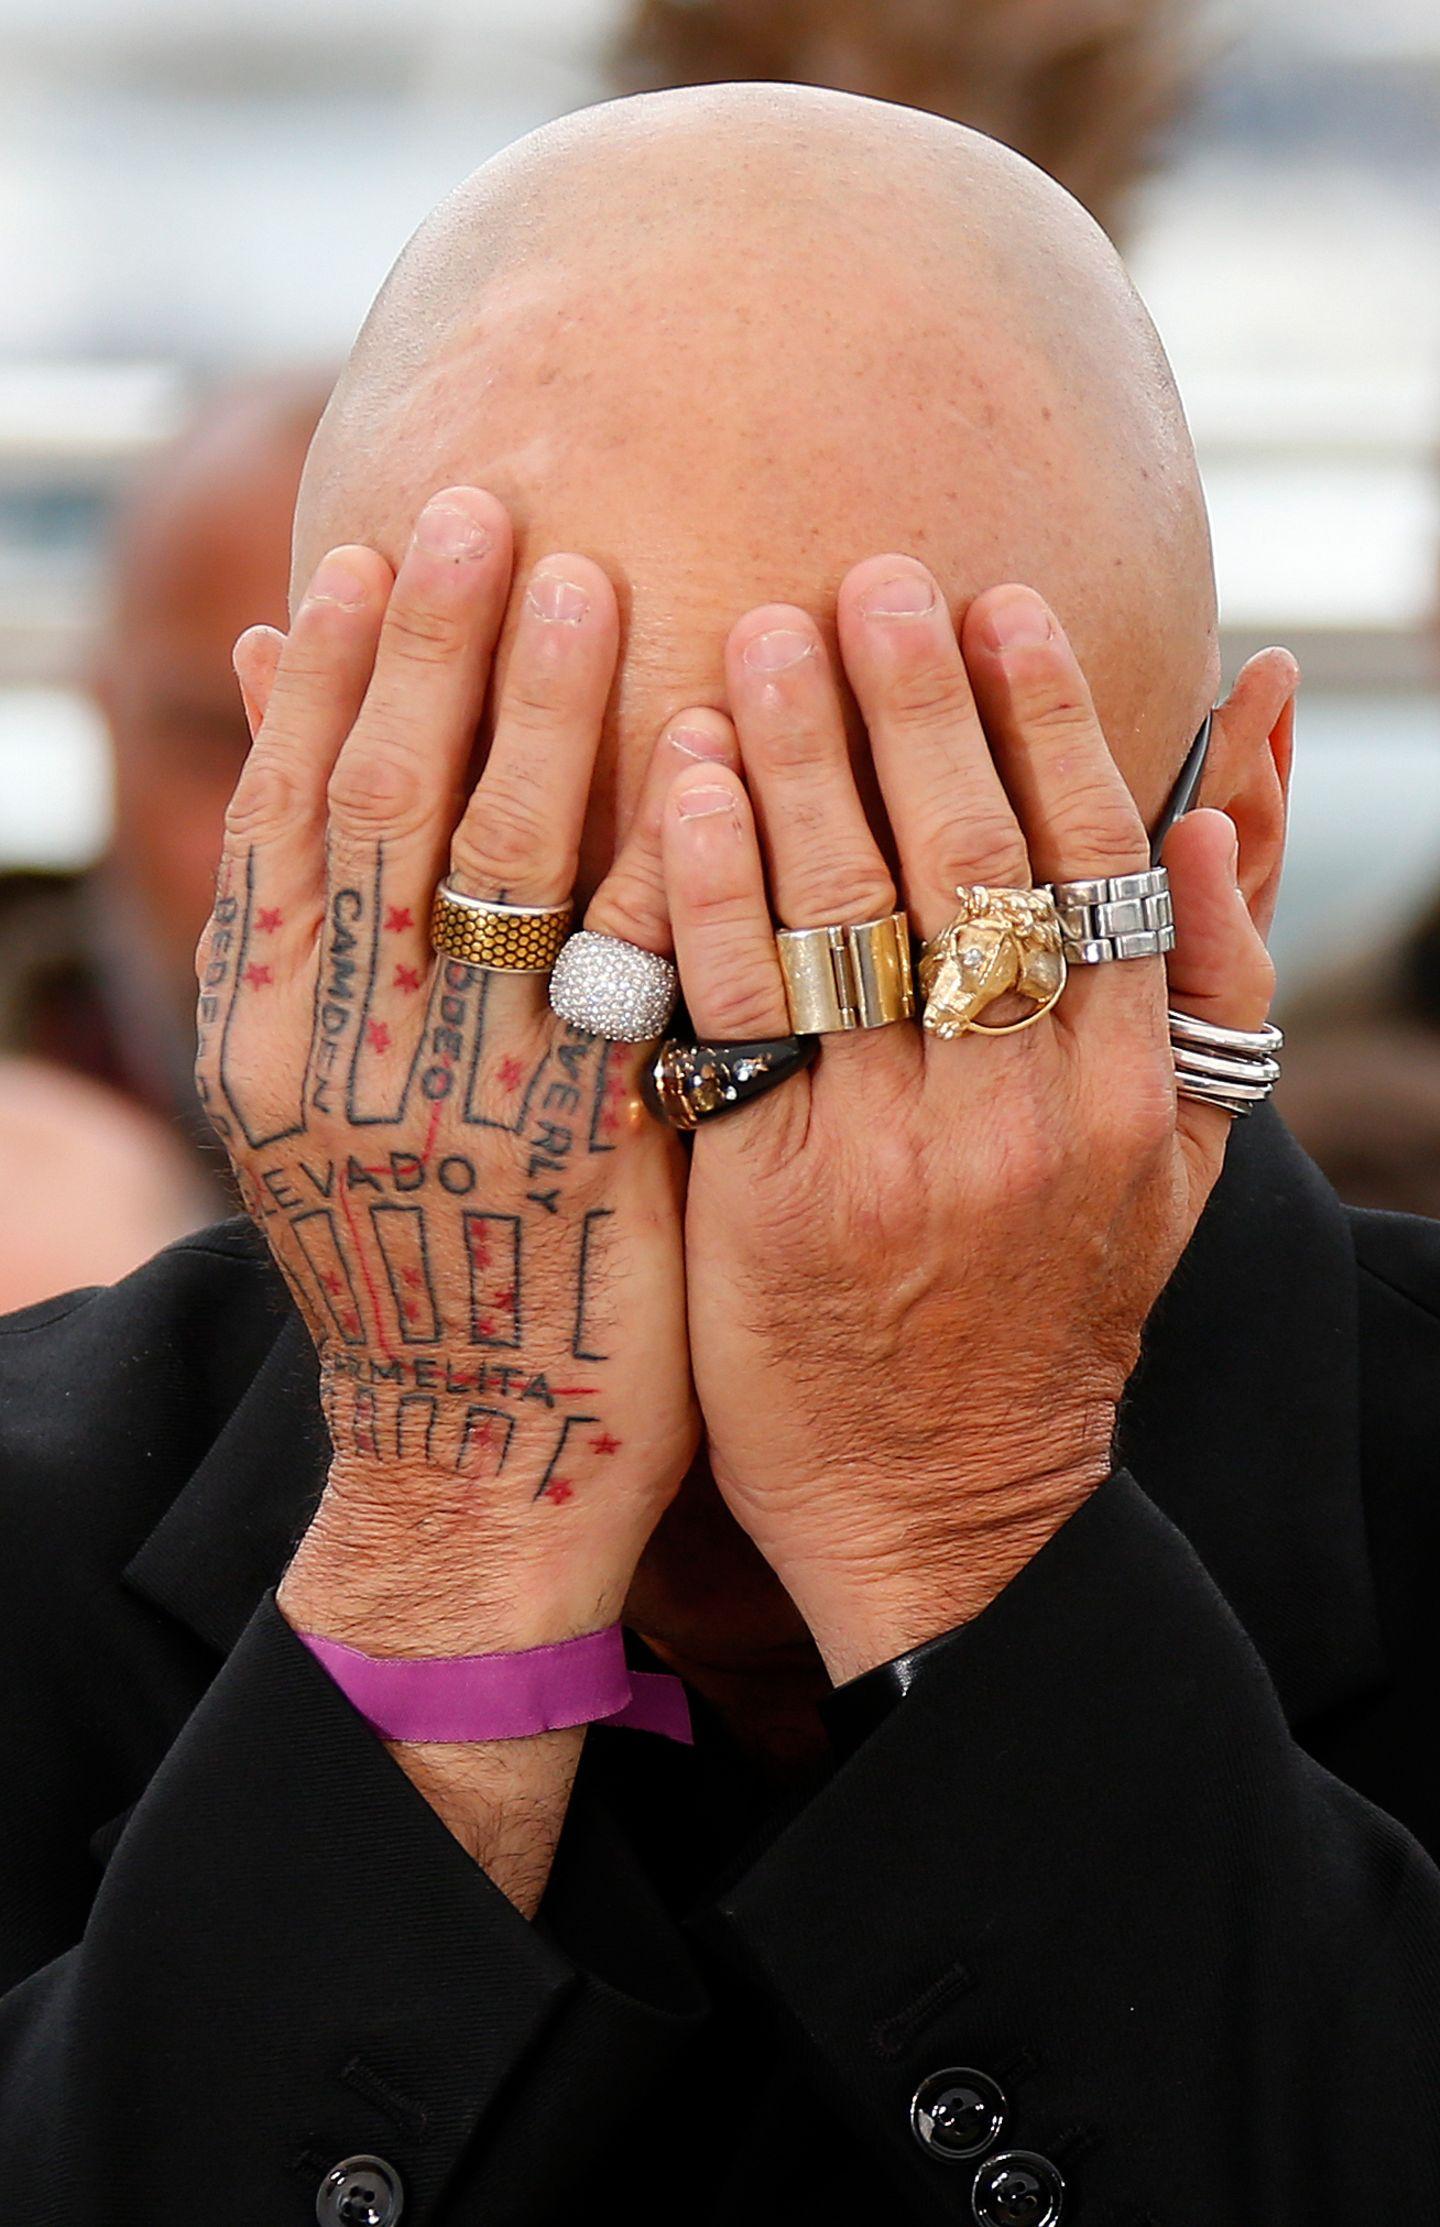 Drehbuchautor Bruce Wagner versteckt beim Photocall sein Gesicht hinter seinen Händen.